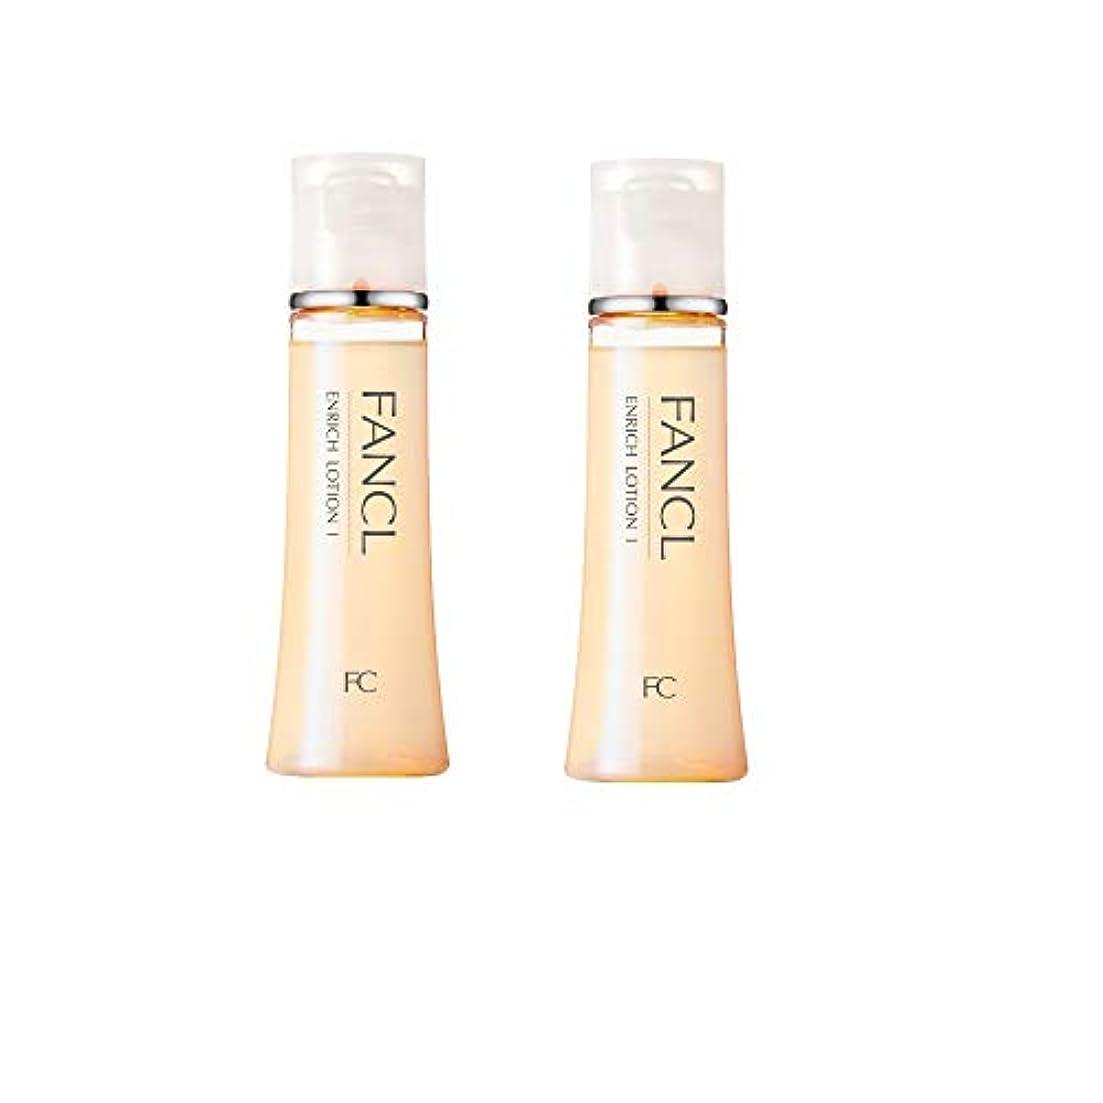 おかしい受け皿レインコートファンケル (FANCL) エンリッチ 化粧液I さっぱり 2本セット 30mL×2 (約60日分)